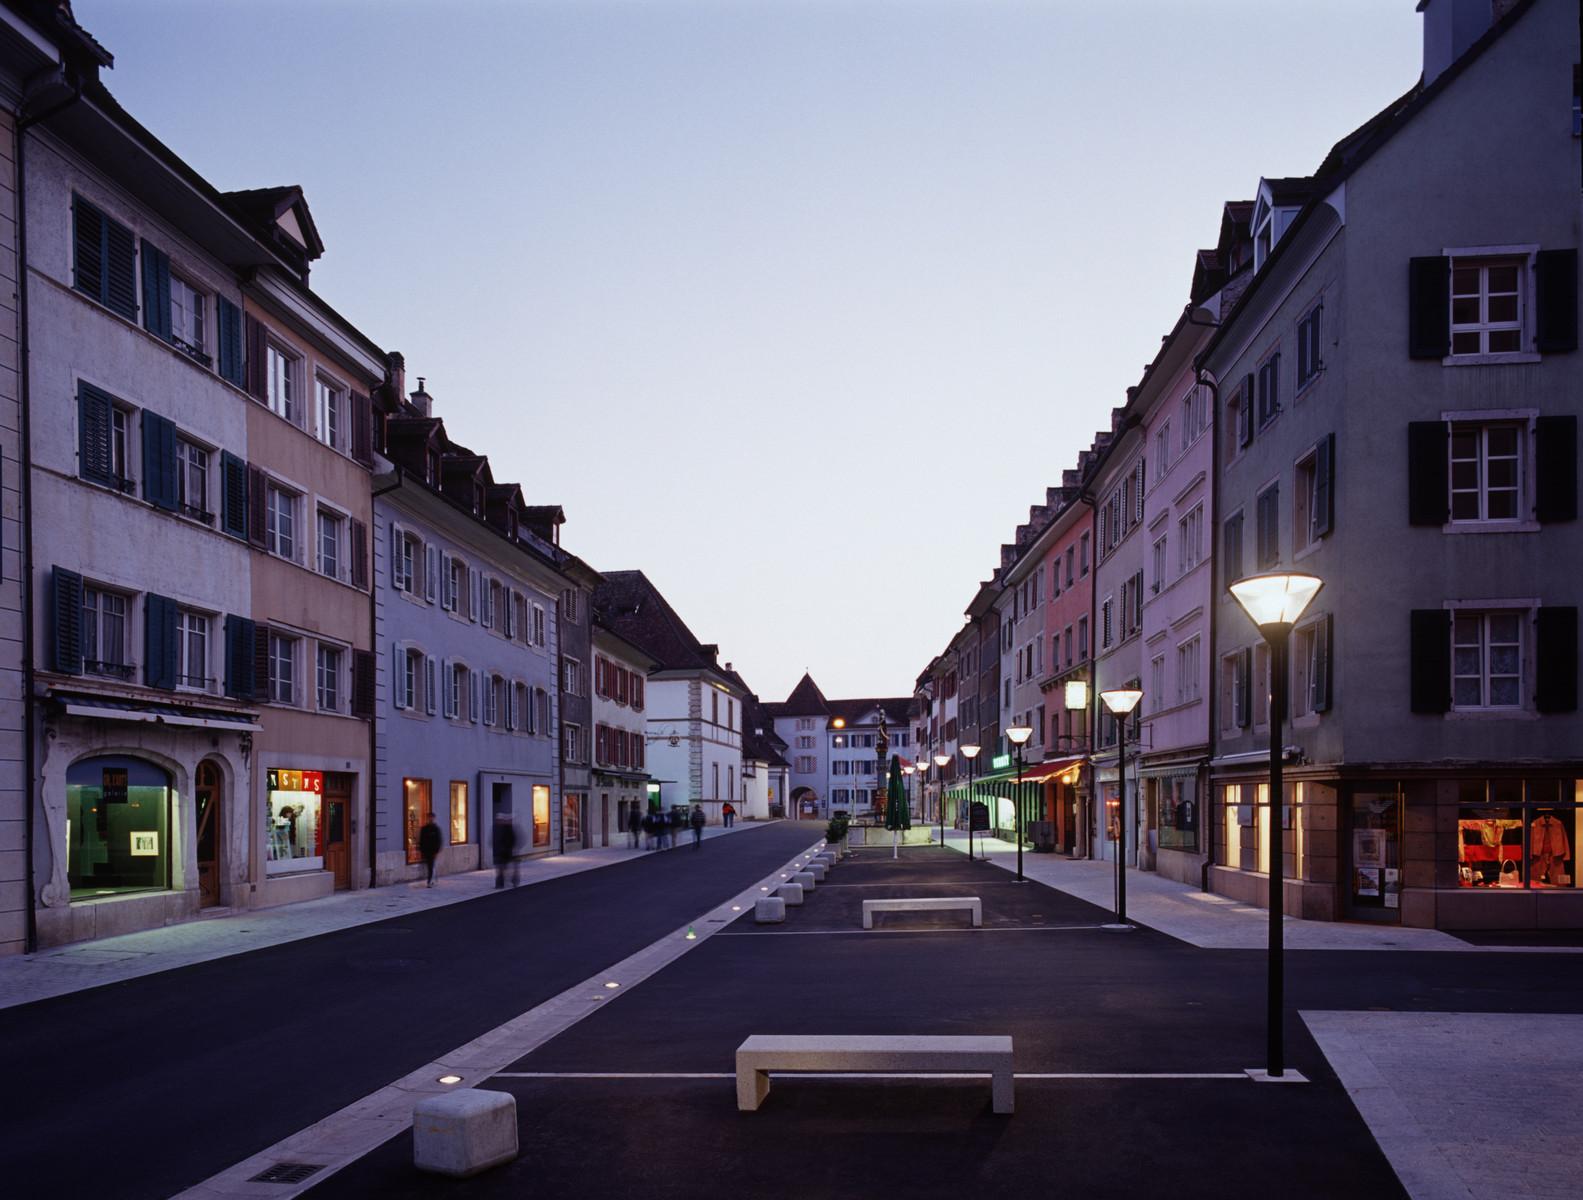 Les mesures visant à ralentir la circulation du virus sont maintenues dans le Jura suisse jusqu'à la fin du mois. Comme dans l'Hexagone, les tests antigéniques débarquent. Ils sont disponibles depuis vendredi. L'épidémie ralentit, mais la pression sur les hôpitaux est aussi très tendue.